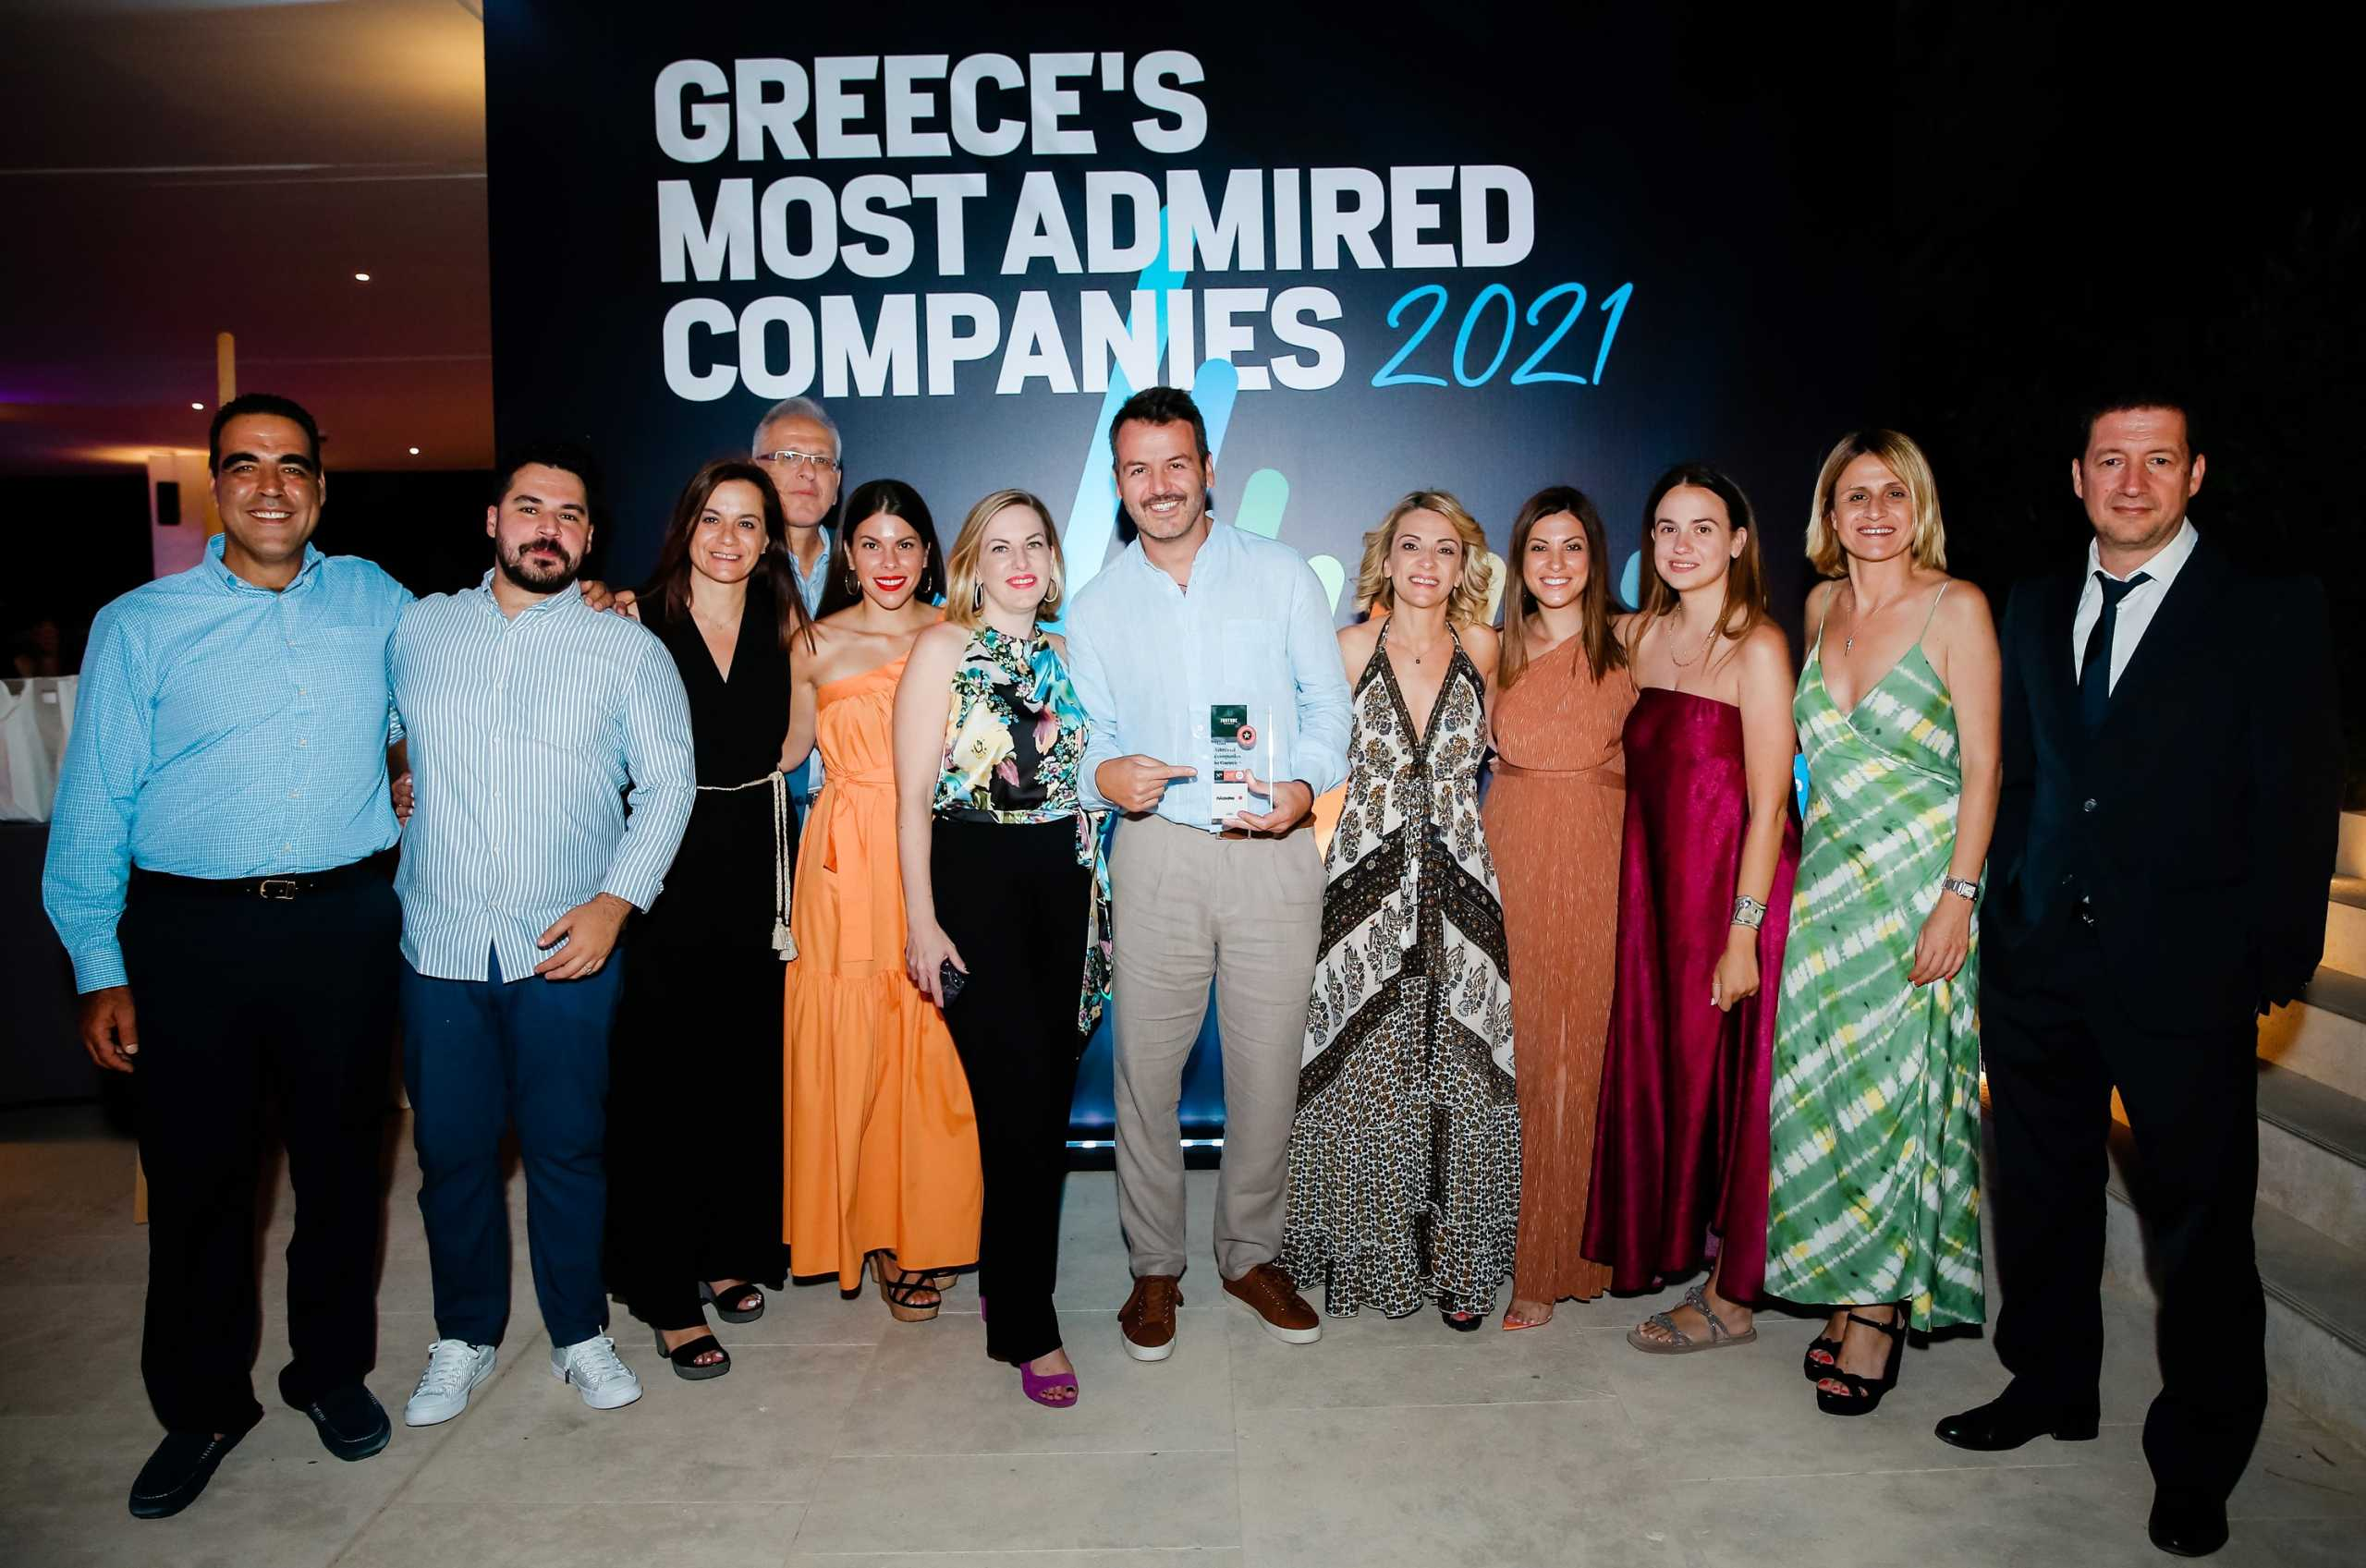 Πλαίσιο Computers: 9η «Πιο Αξιοθαύμαστη Εταιρεία» στην Ελλάδα – Ο μοναδικός retailer τεχνολογίας που ξεχώρισε